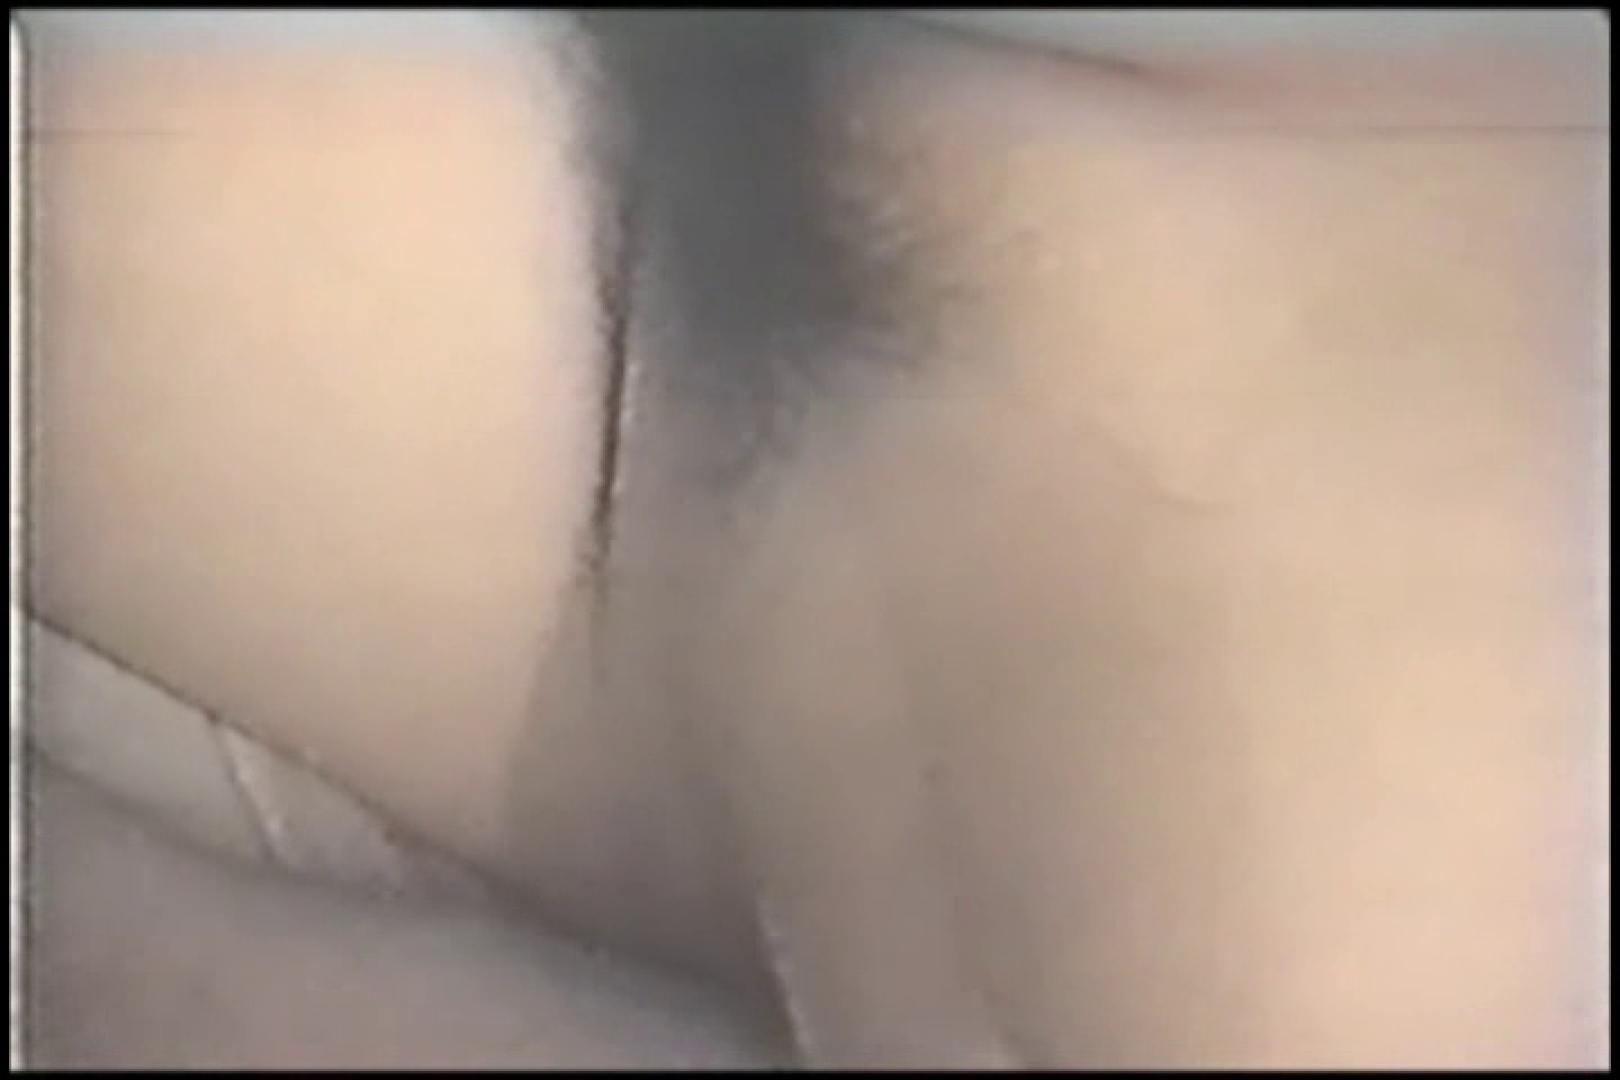 前後不覚に酔っている女を撮影する鬼畜親父 鬼畜  60連発 9